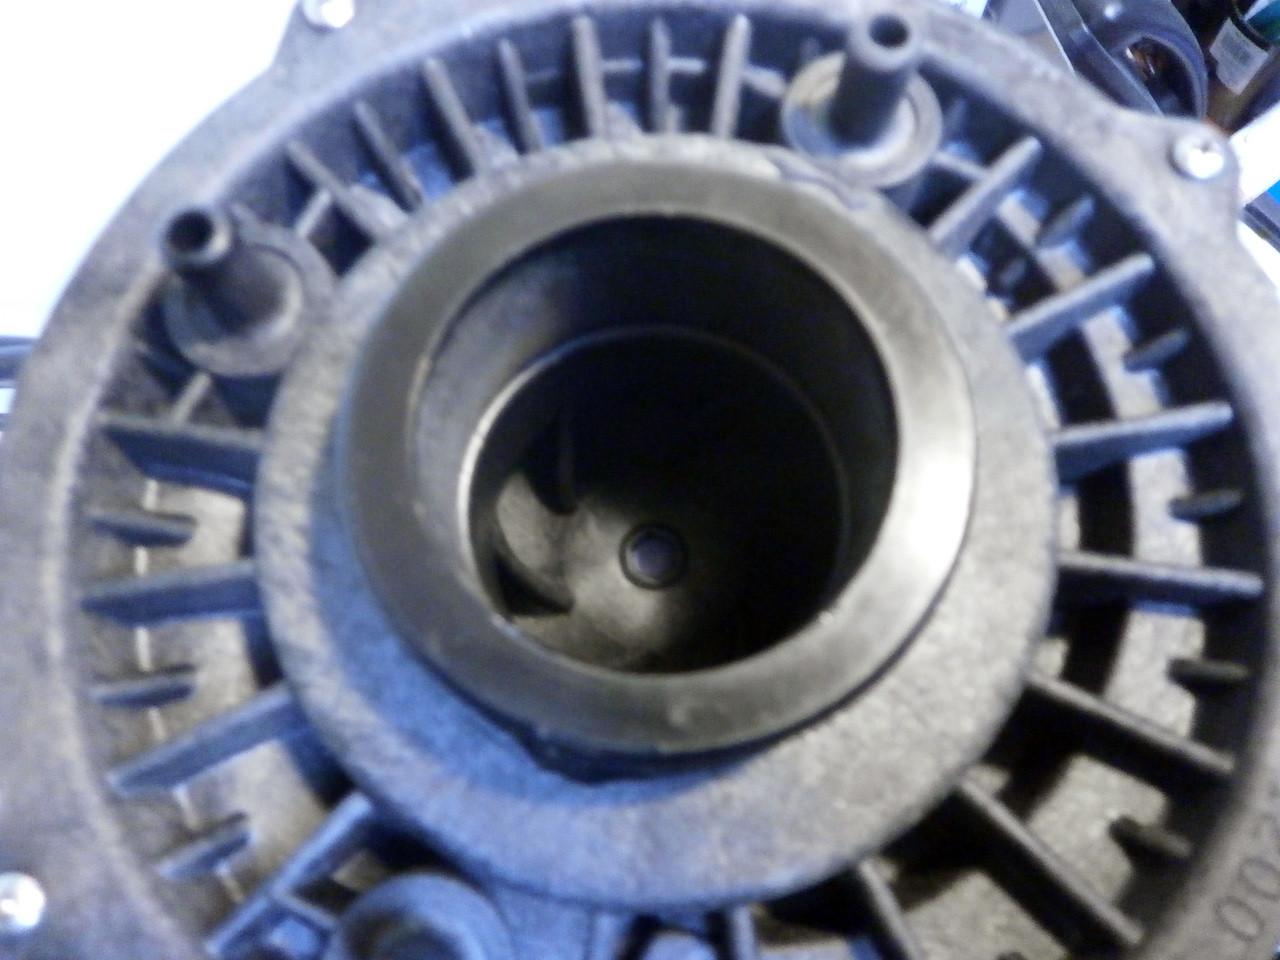 X320500 - Intake View